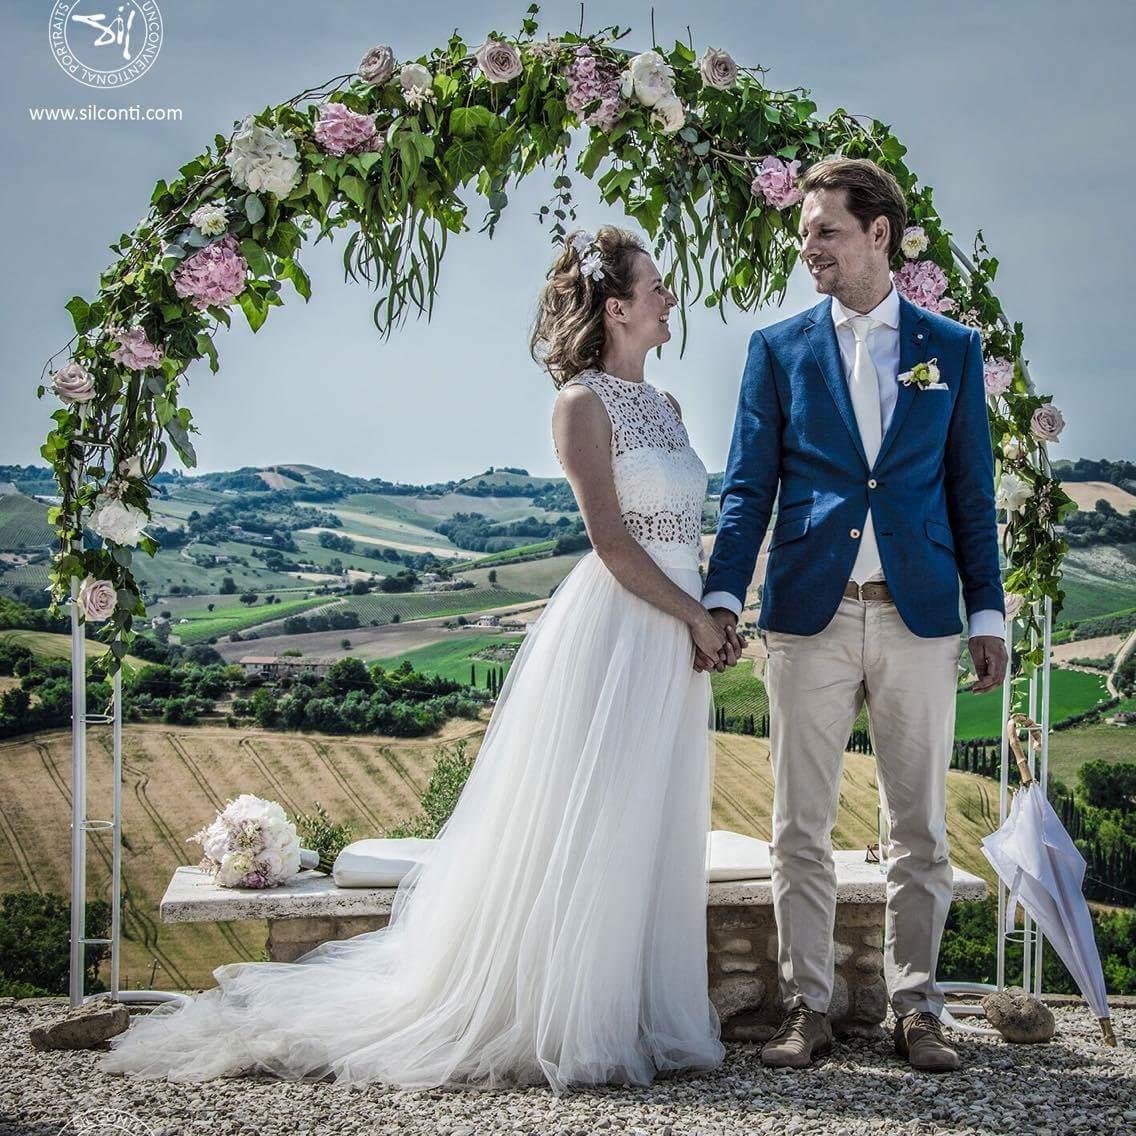 matrimoniale in italia